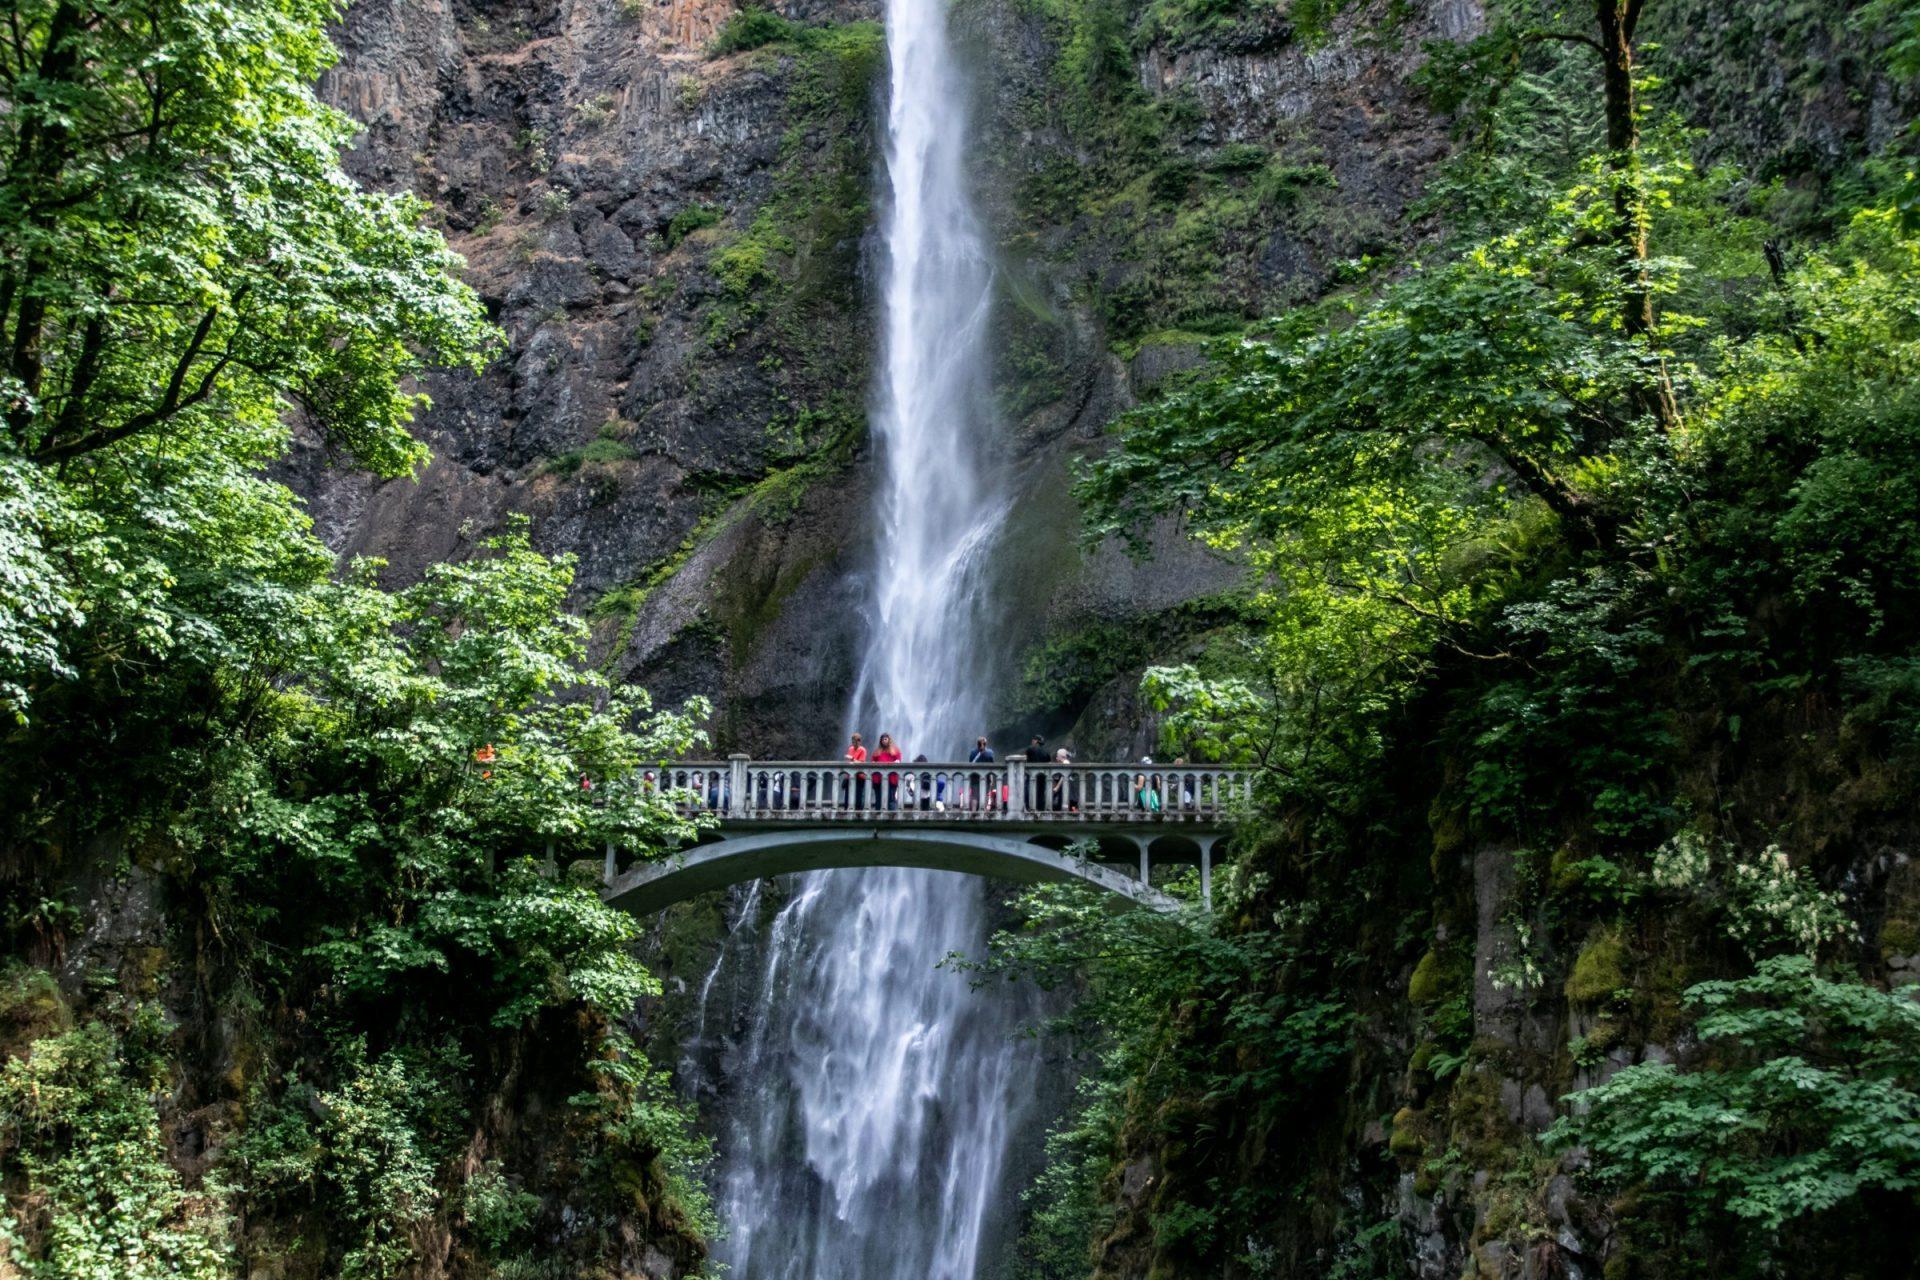 Waterfall Behind People On Bridge Between Trees